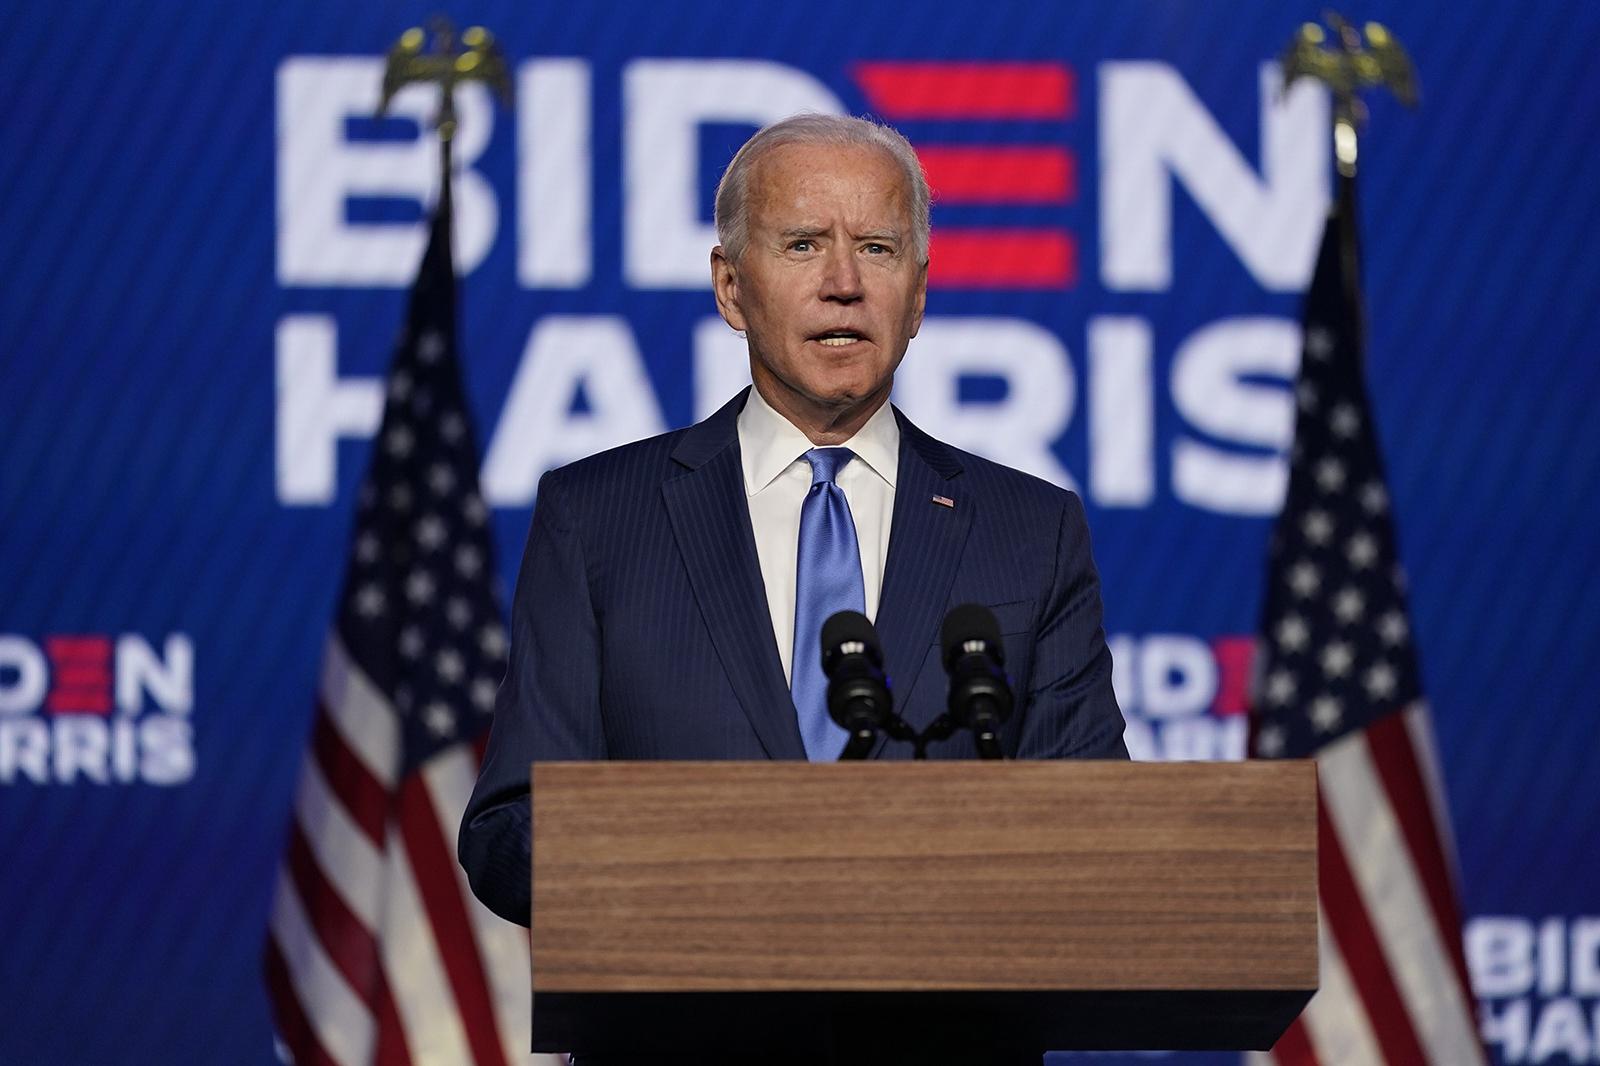 Biden thắng liên tiếp Pennsylvania, Nevada, giành 290 phiếu đại cử tri